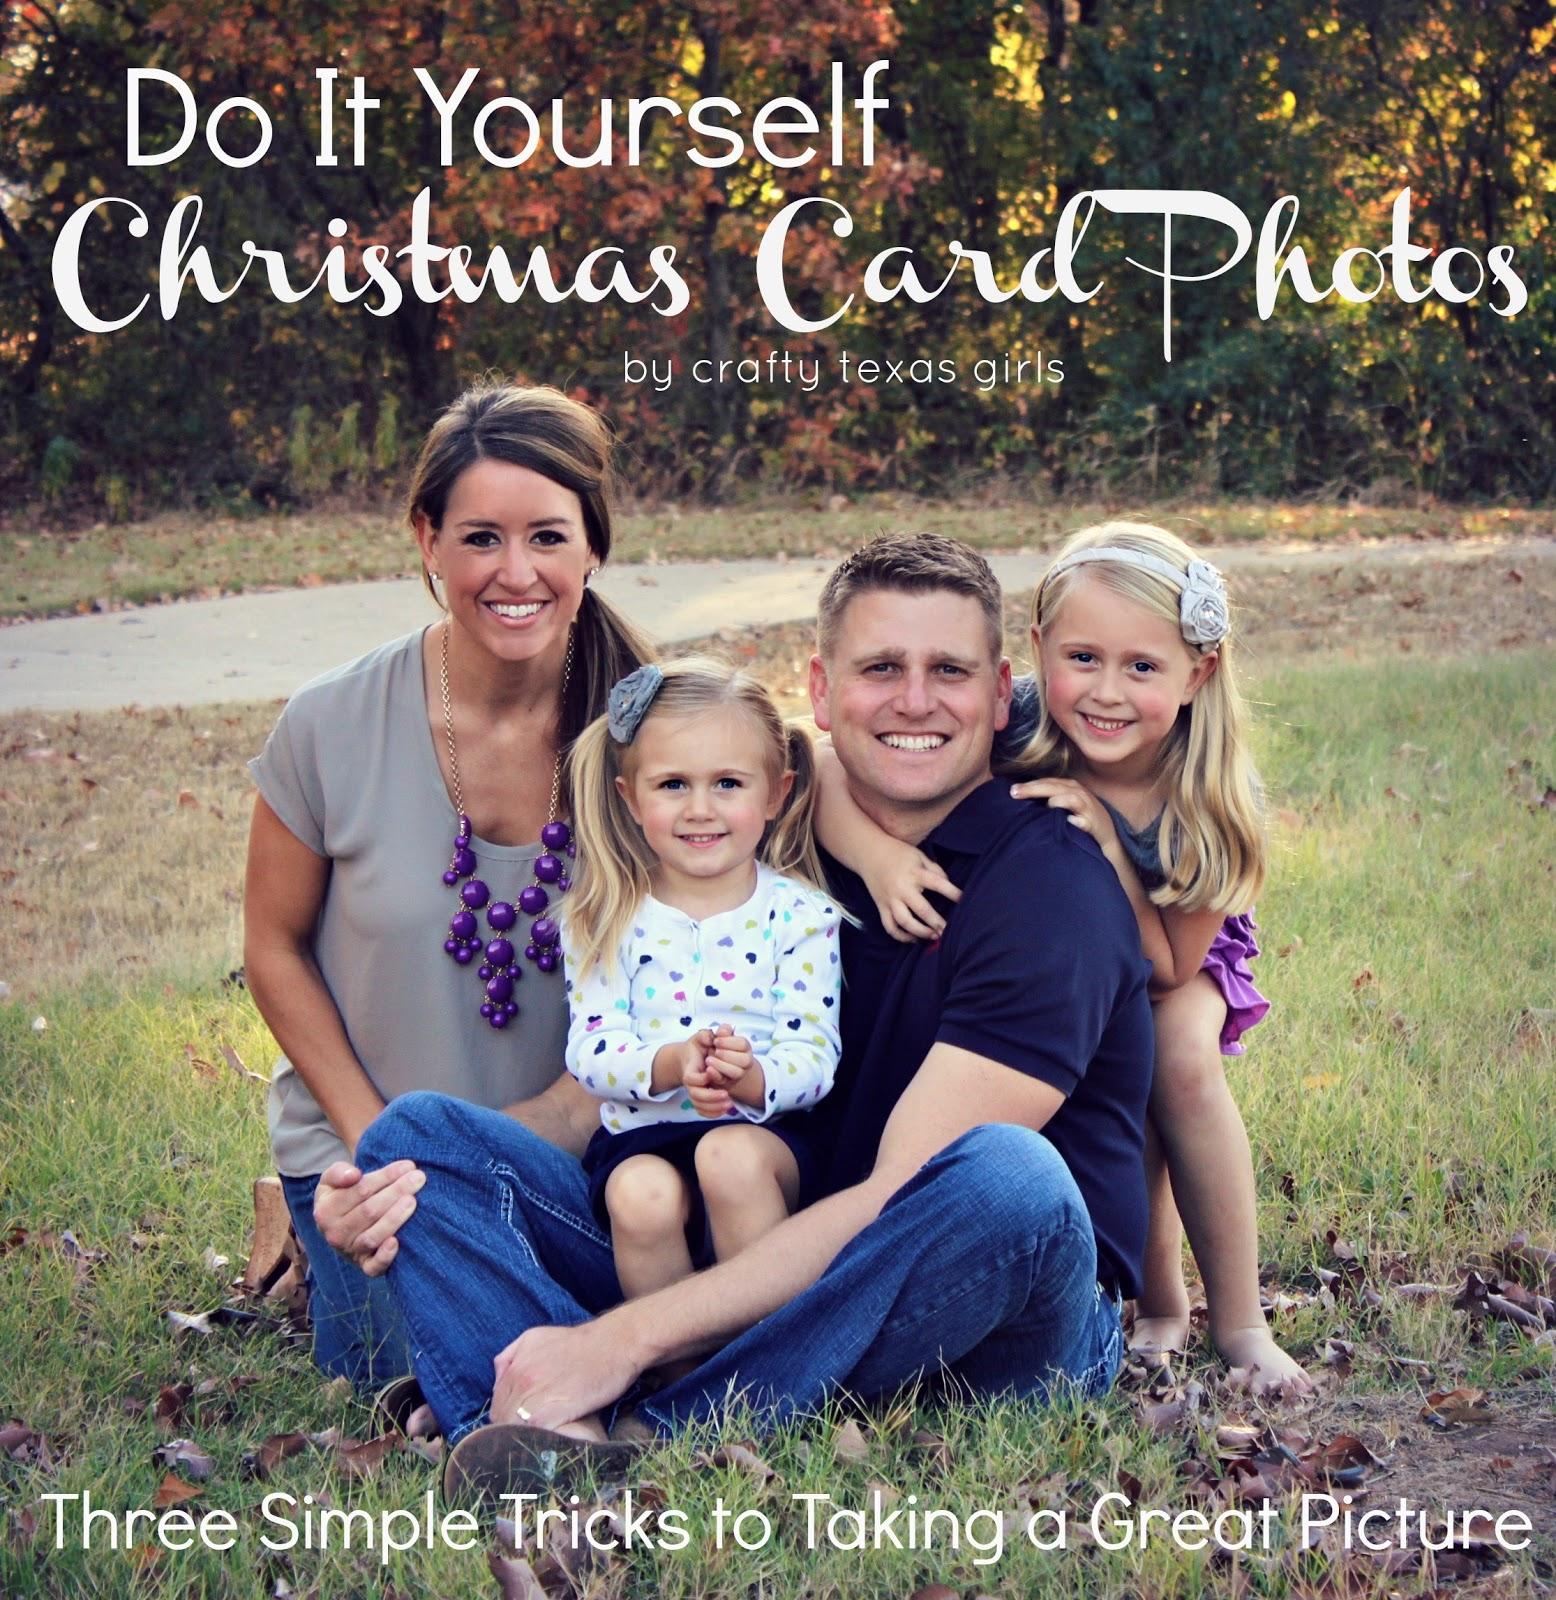 Crafty texas girls diy christmas card photos solutioingenieria Choice Image